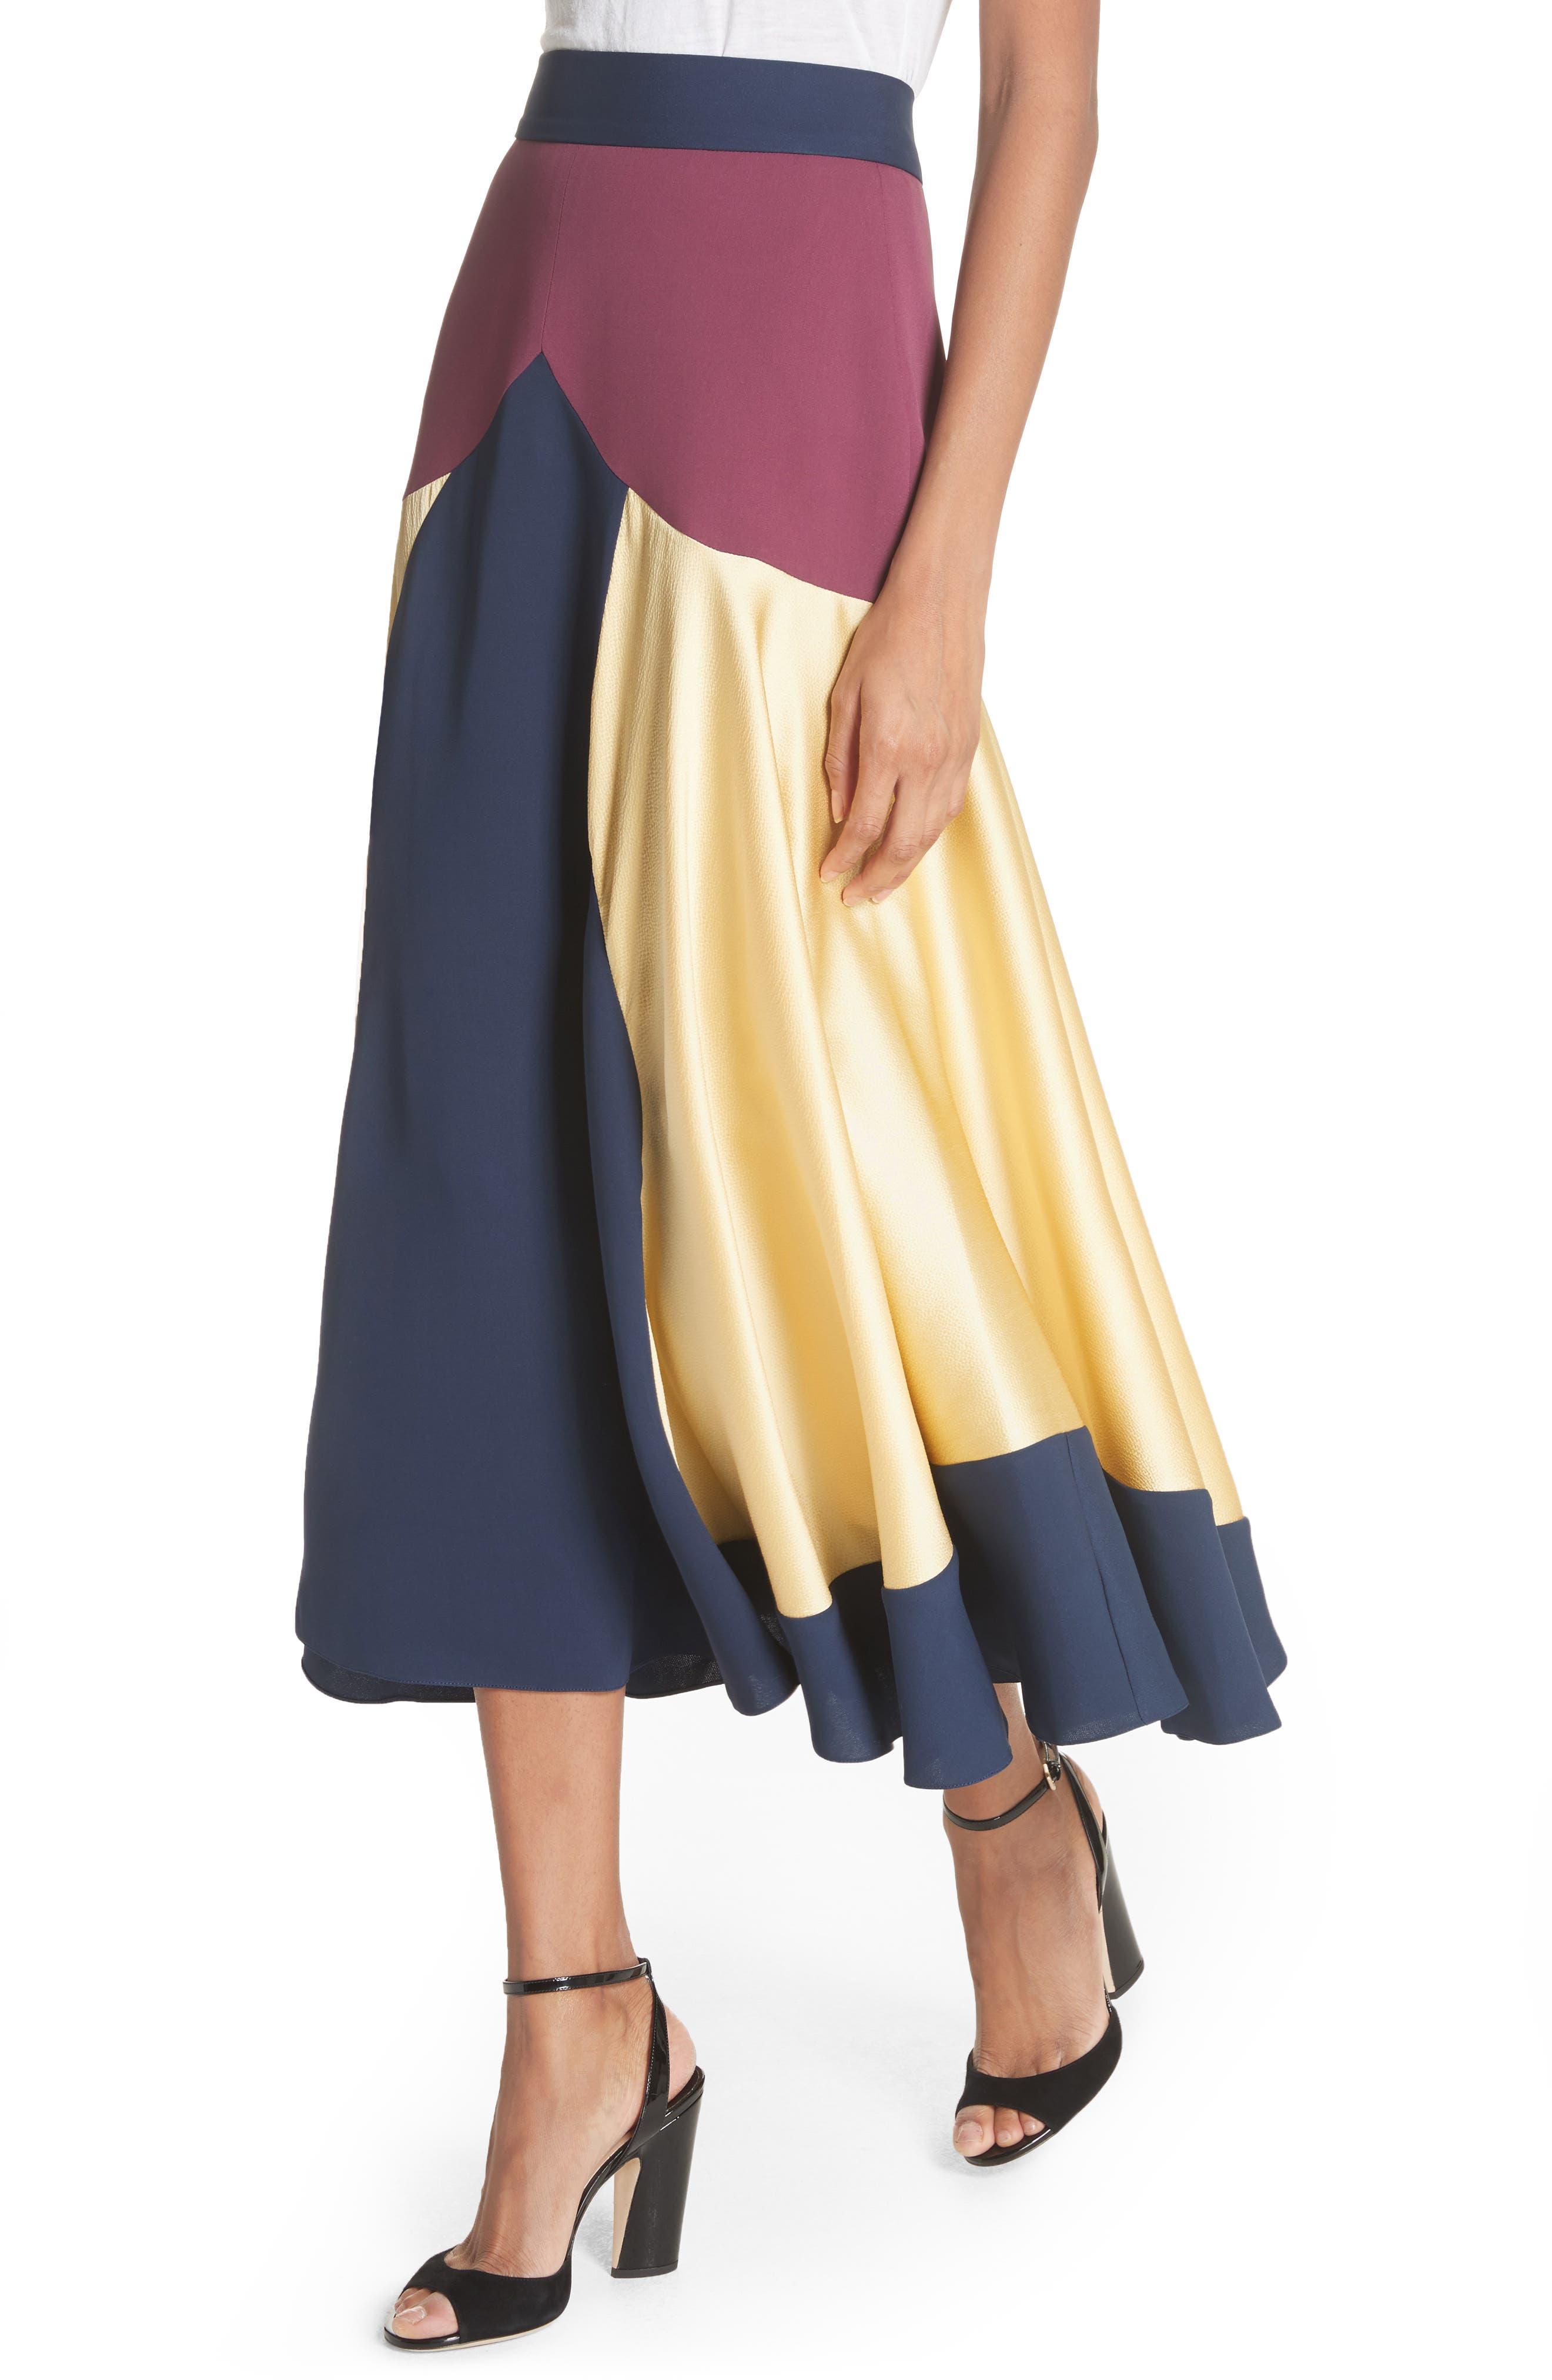 Rania Skirt,                             Alternate thumbnail 4, color,                             Sorbet/ Plum/ Navy